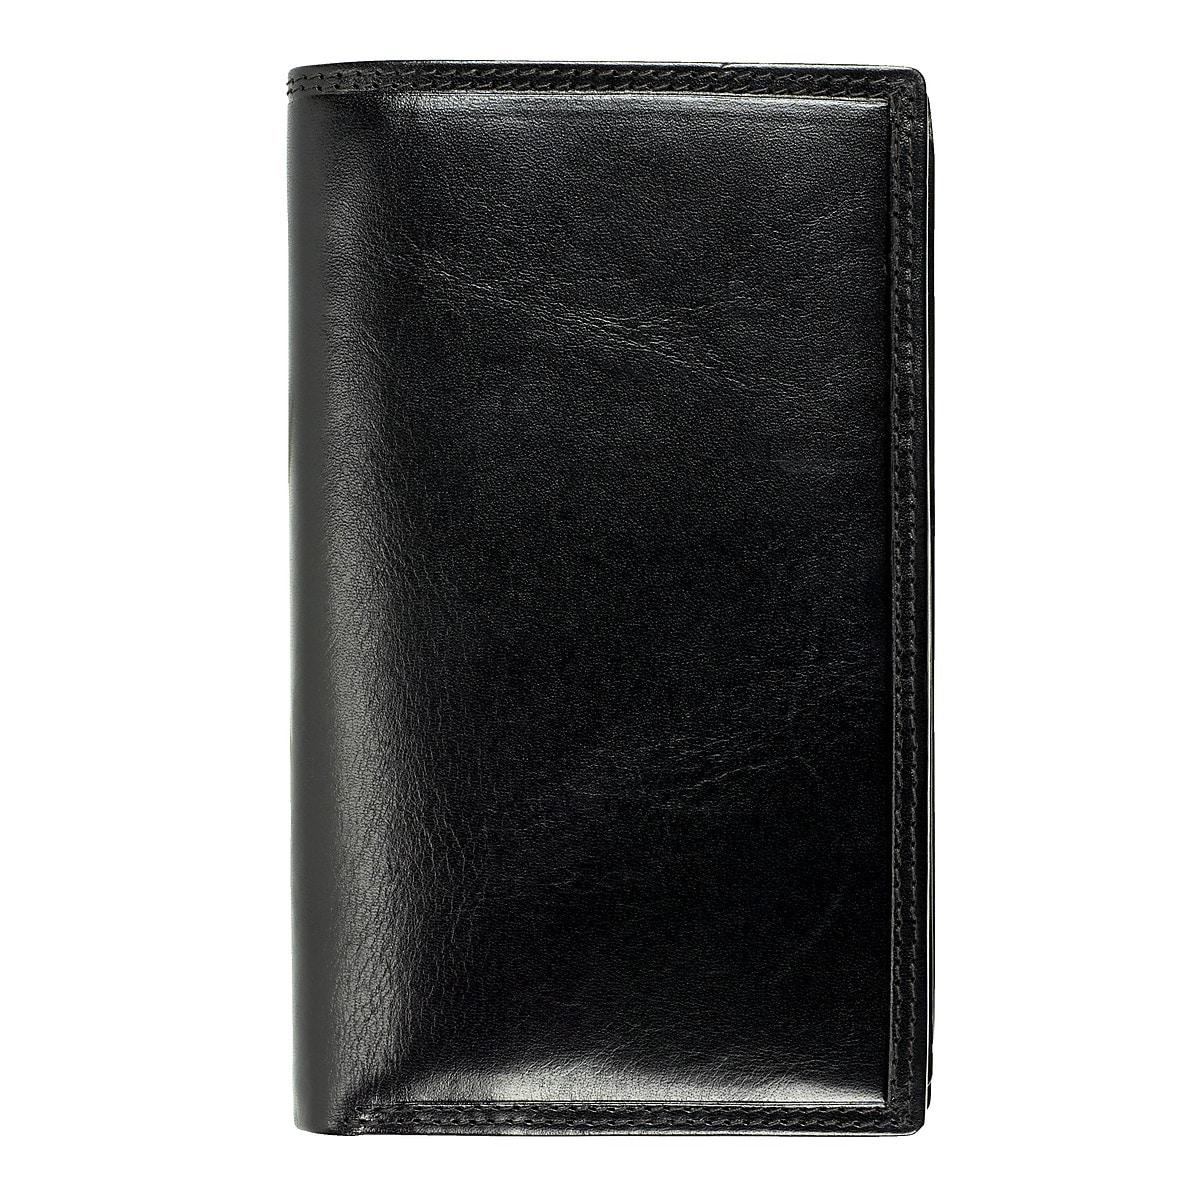 Asaklitt Italian lommebok